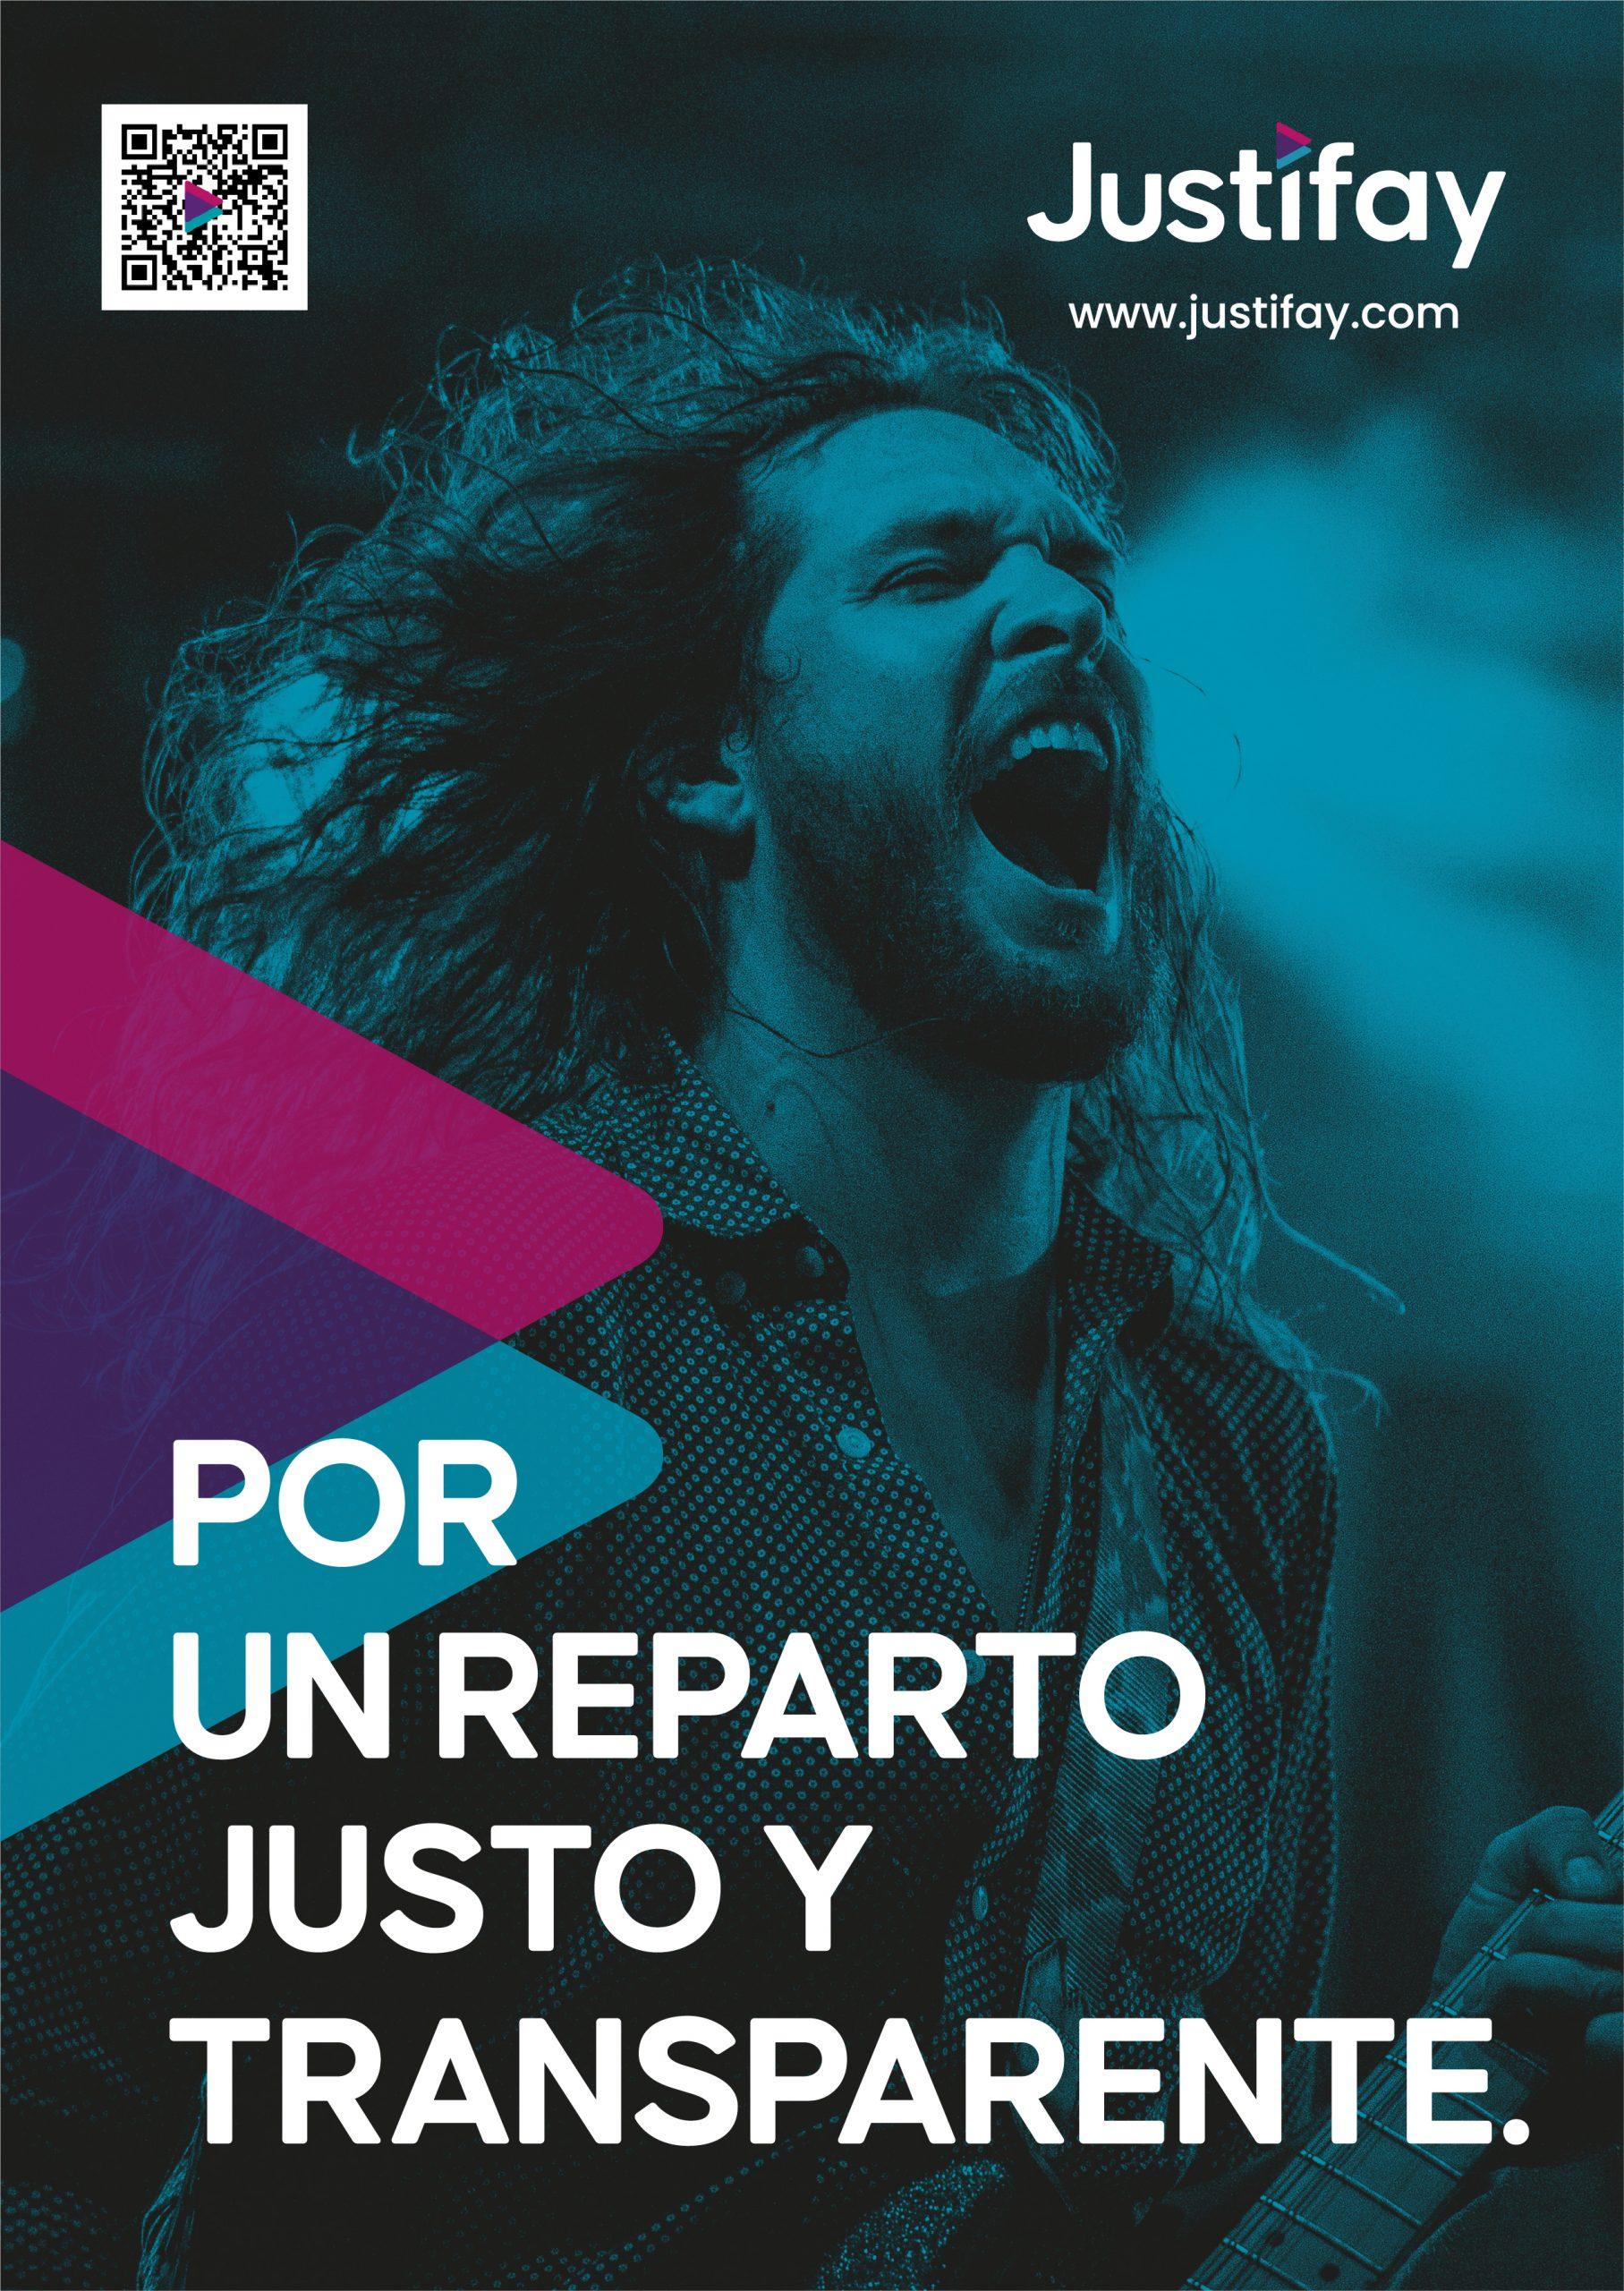 JUSTIFAY cartel A4 - Justo y Transparente 2